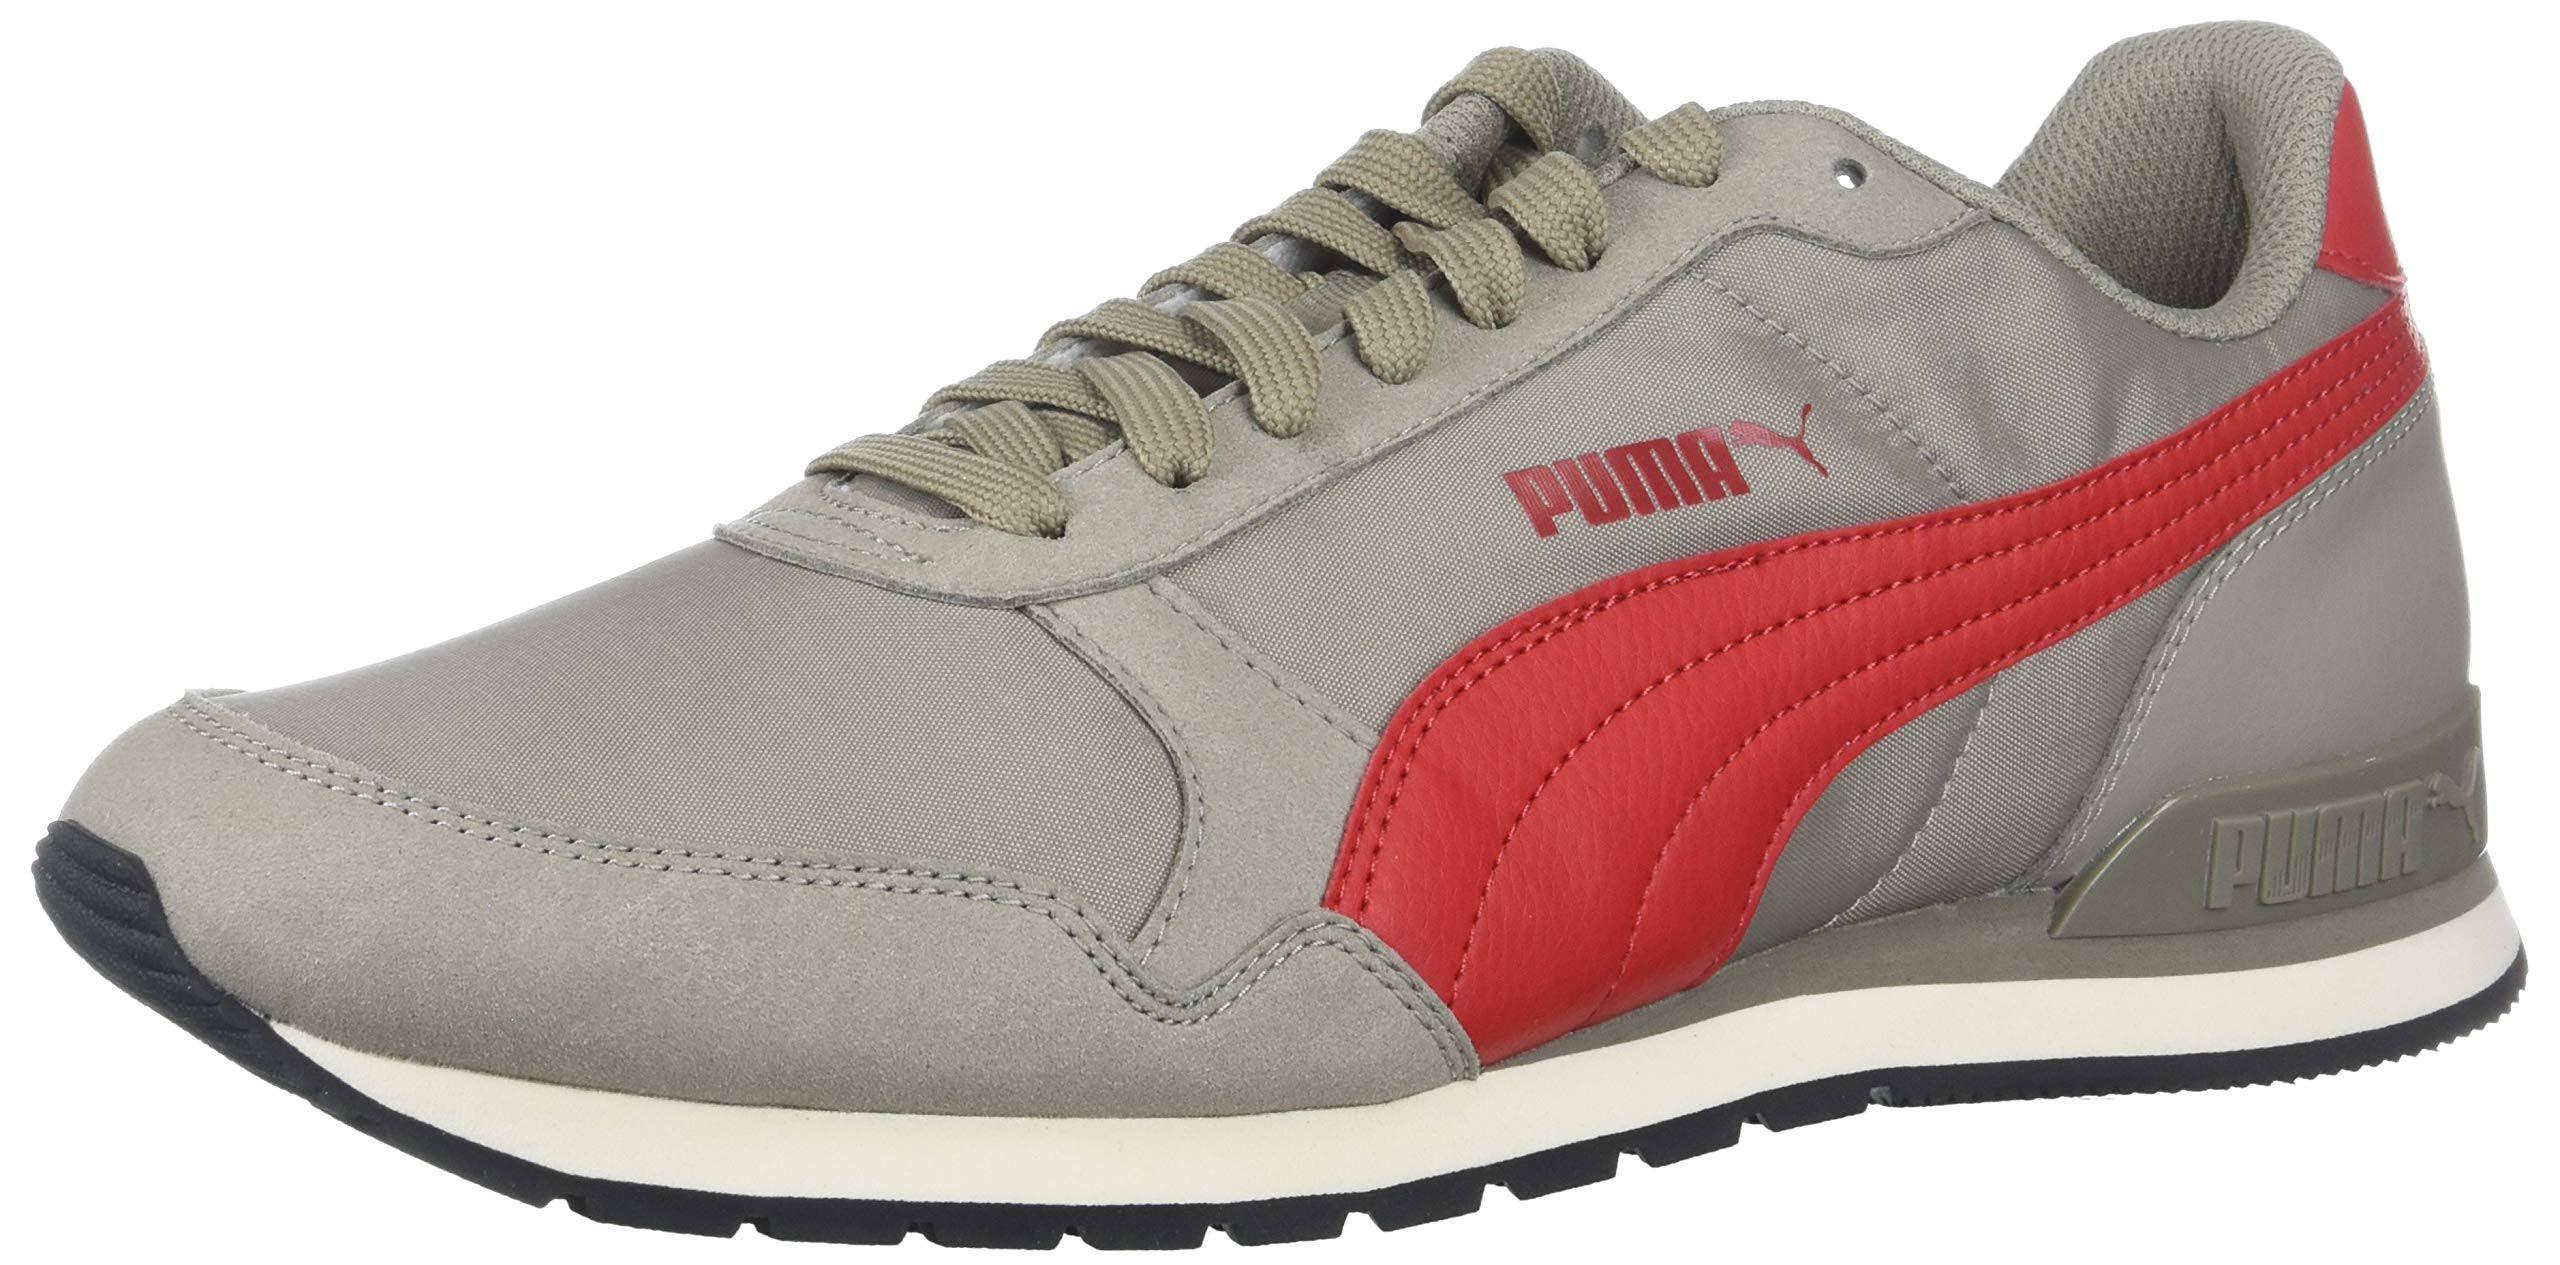 Elephant ribbon Skin Rojo Sneaker Puma Runner V2 St wpIxRTaq8